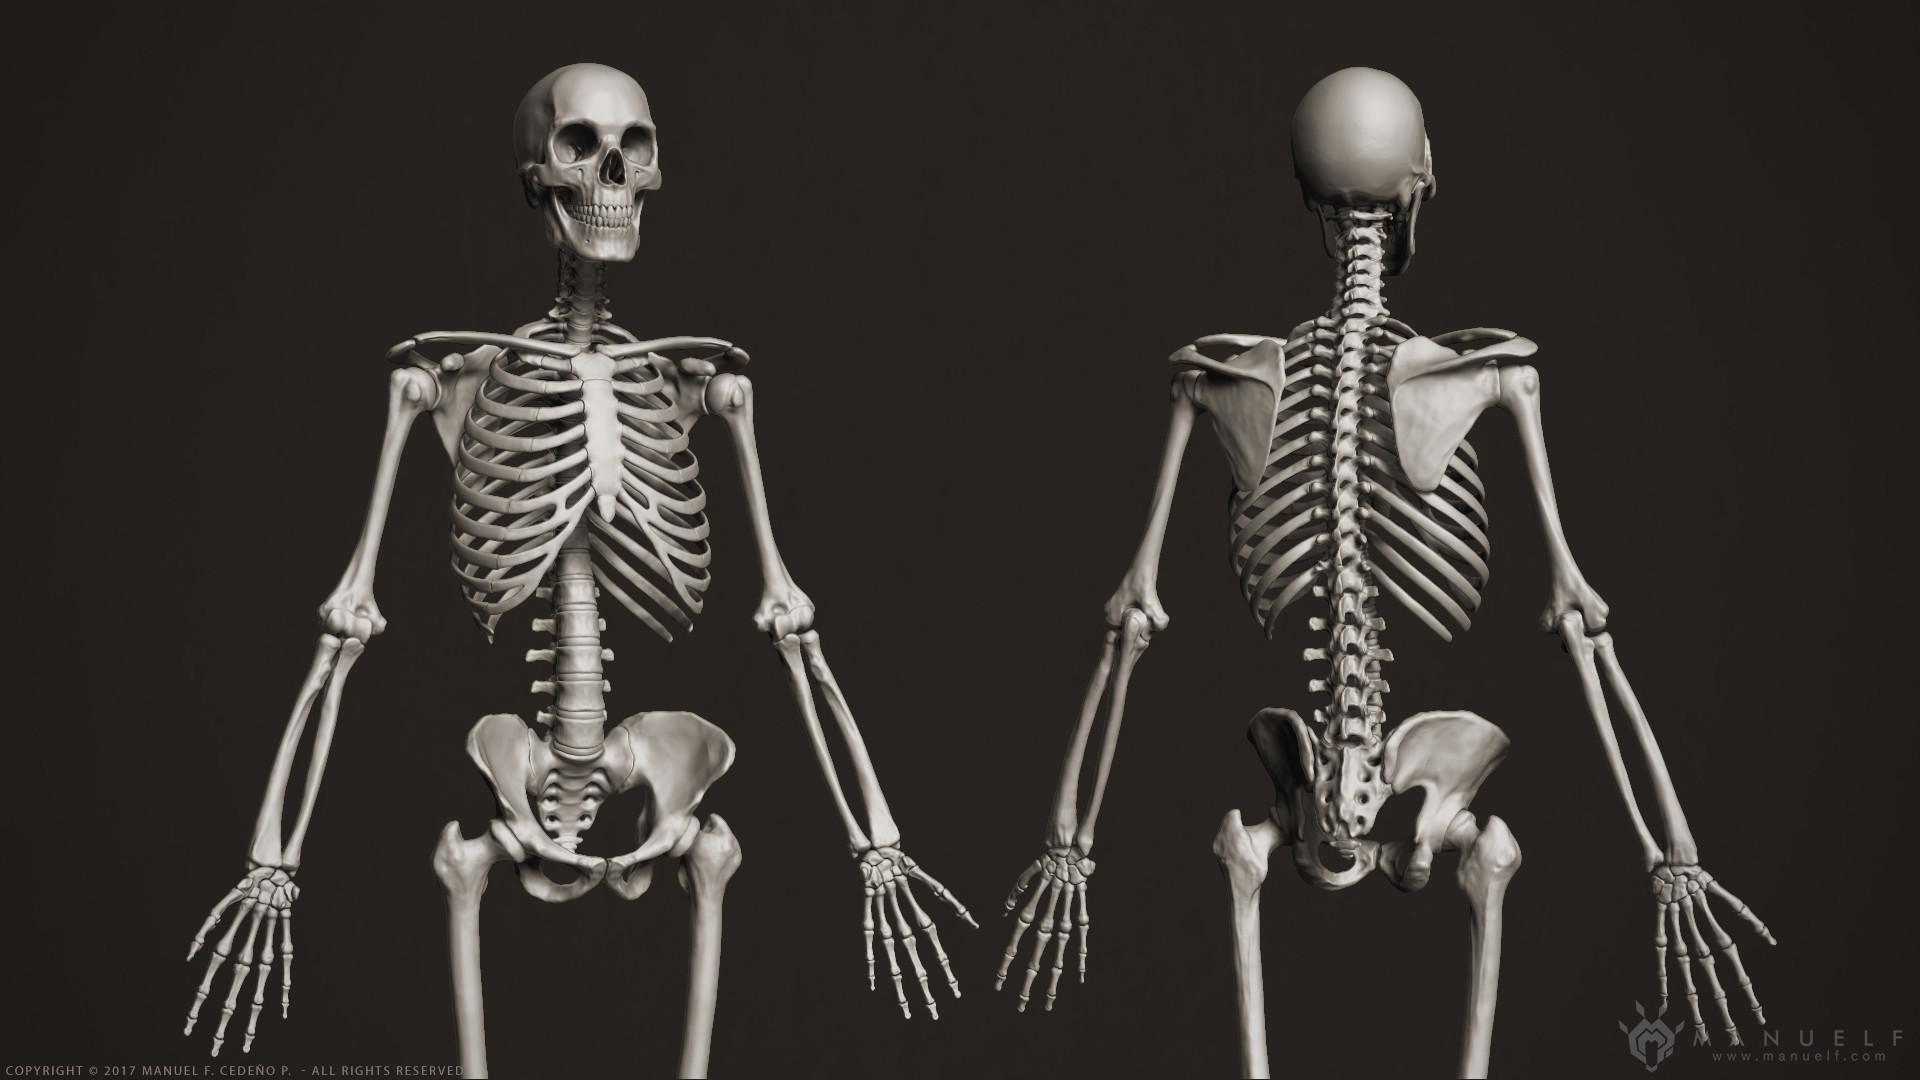 Manuel F. Cedeño - 3D Human Skeleton